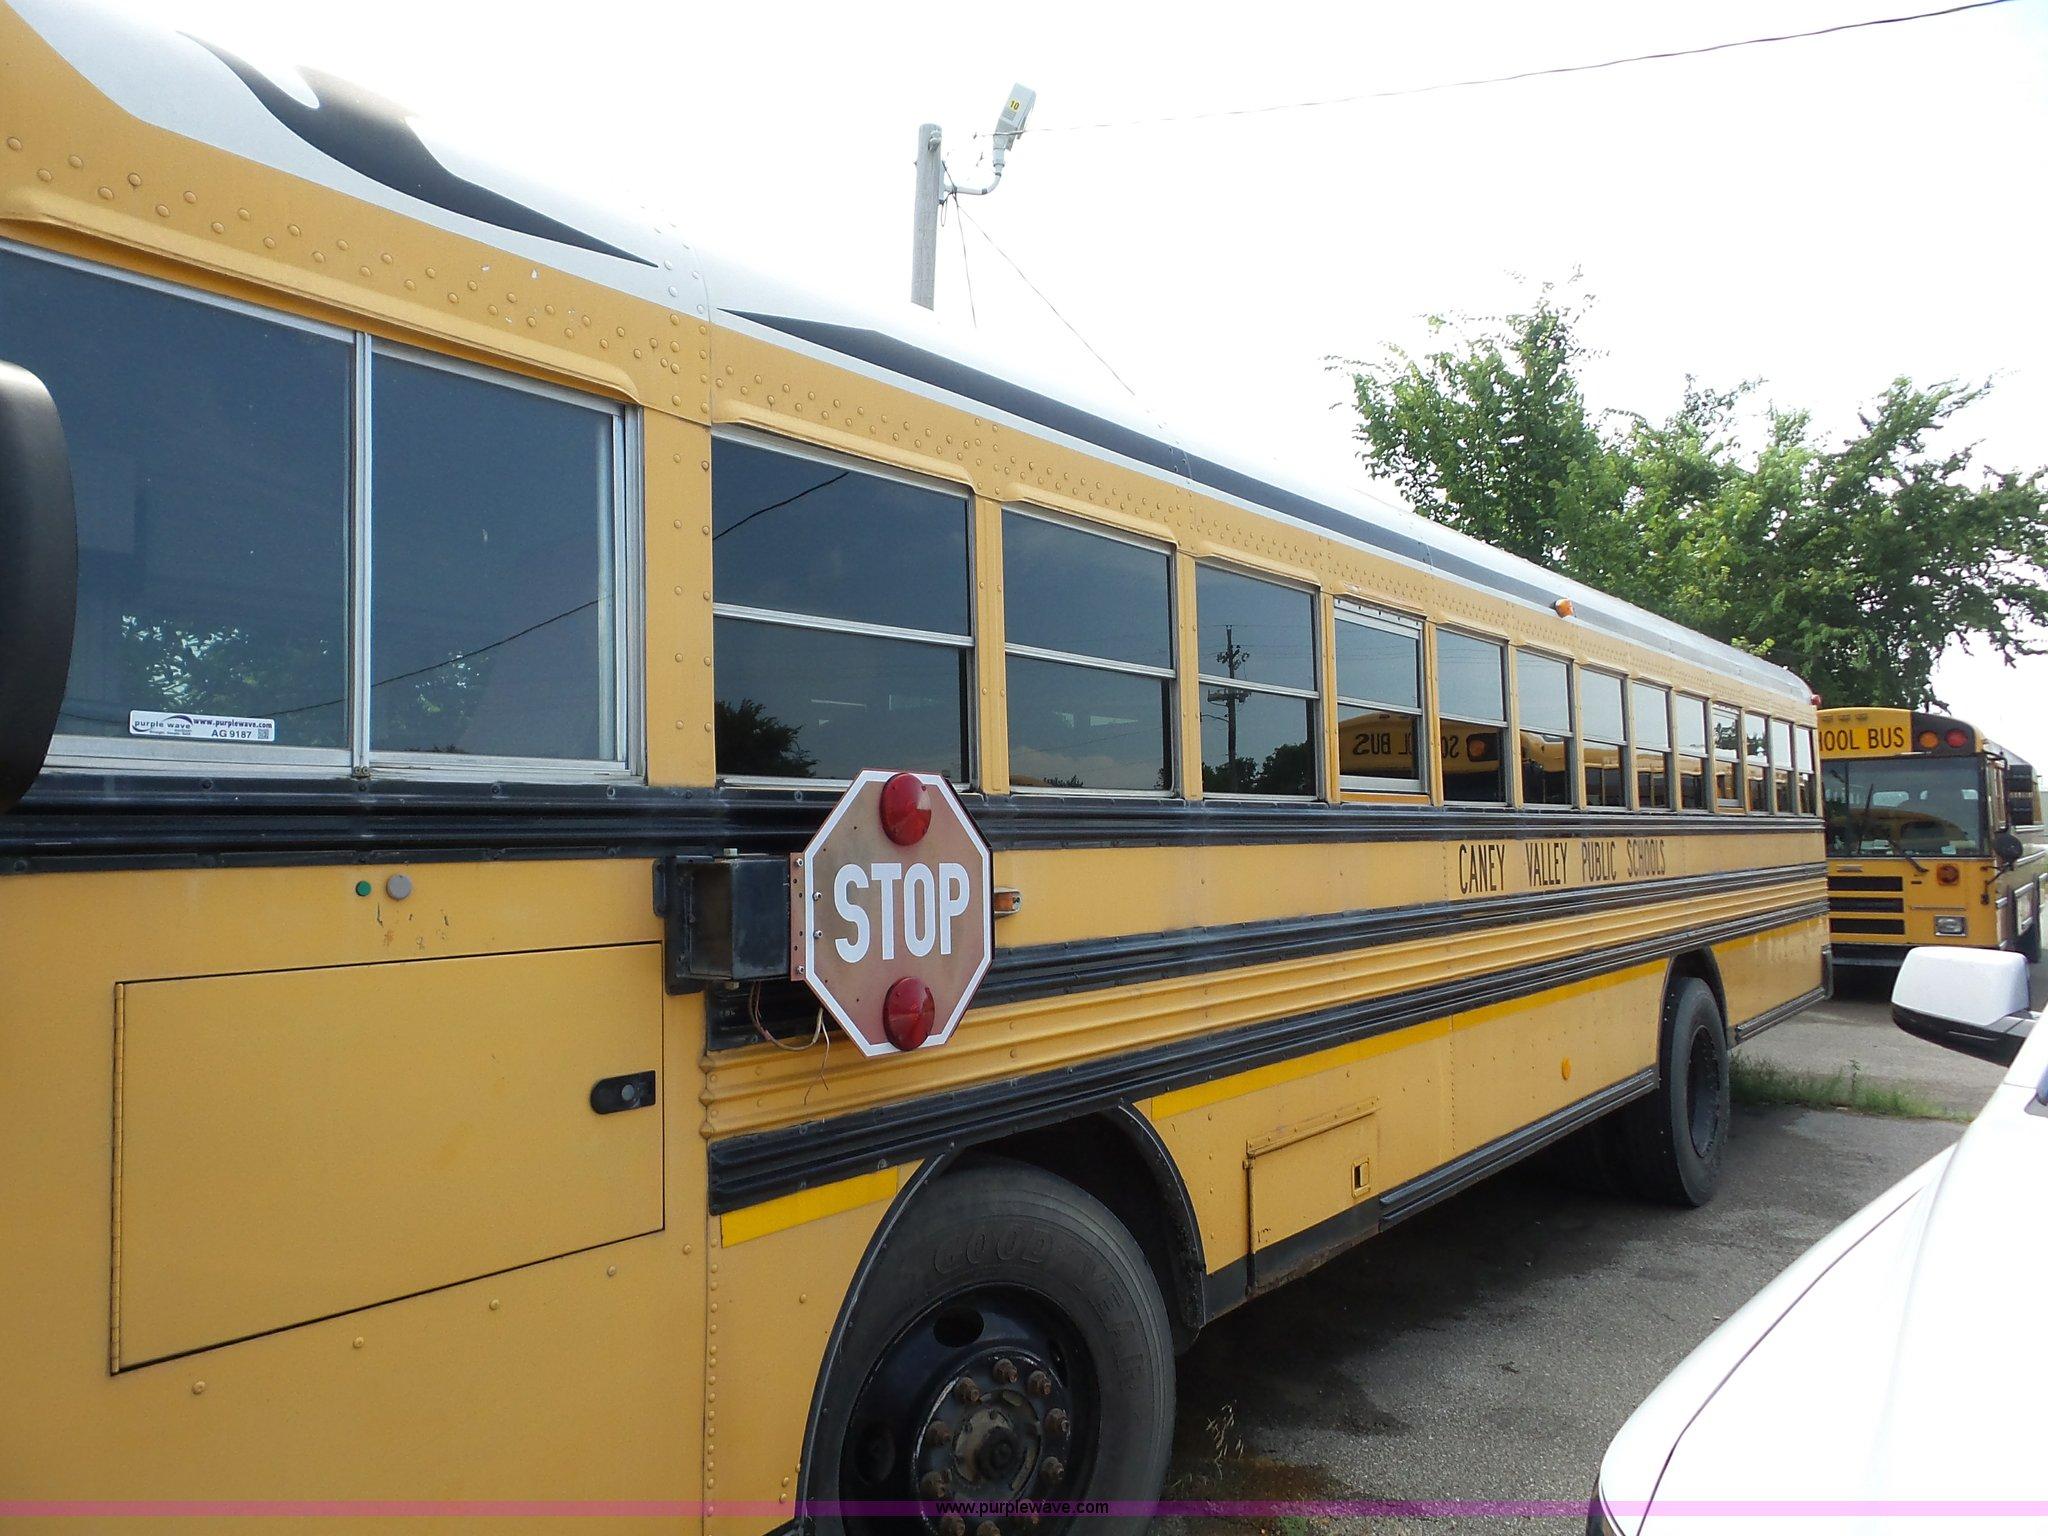 2003 Blue Bird TC2000 school bus | Item AG9187 | SOLD! Augus